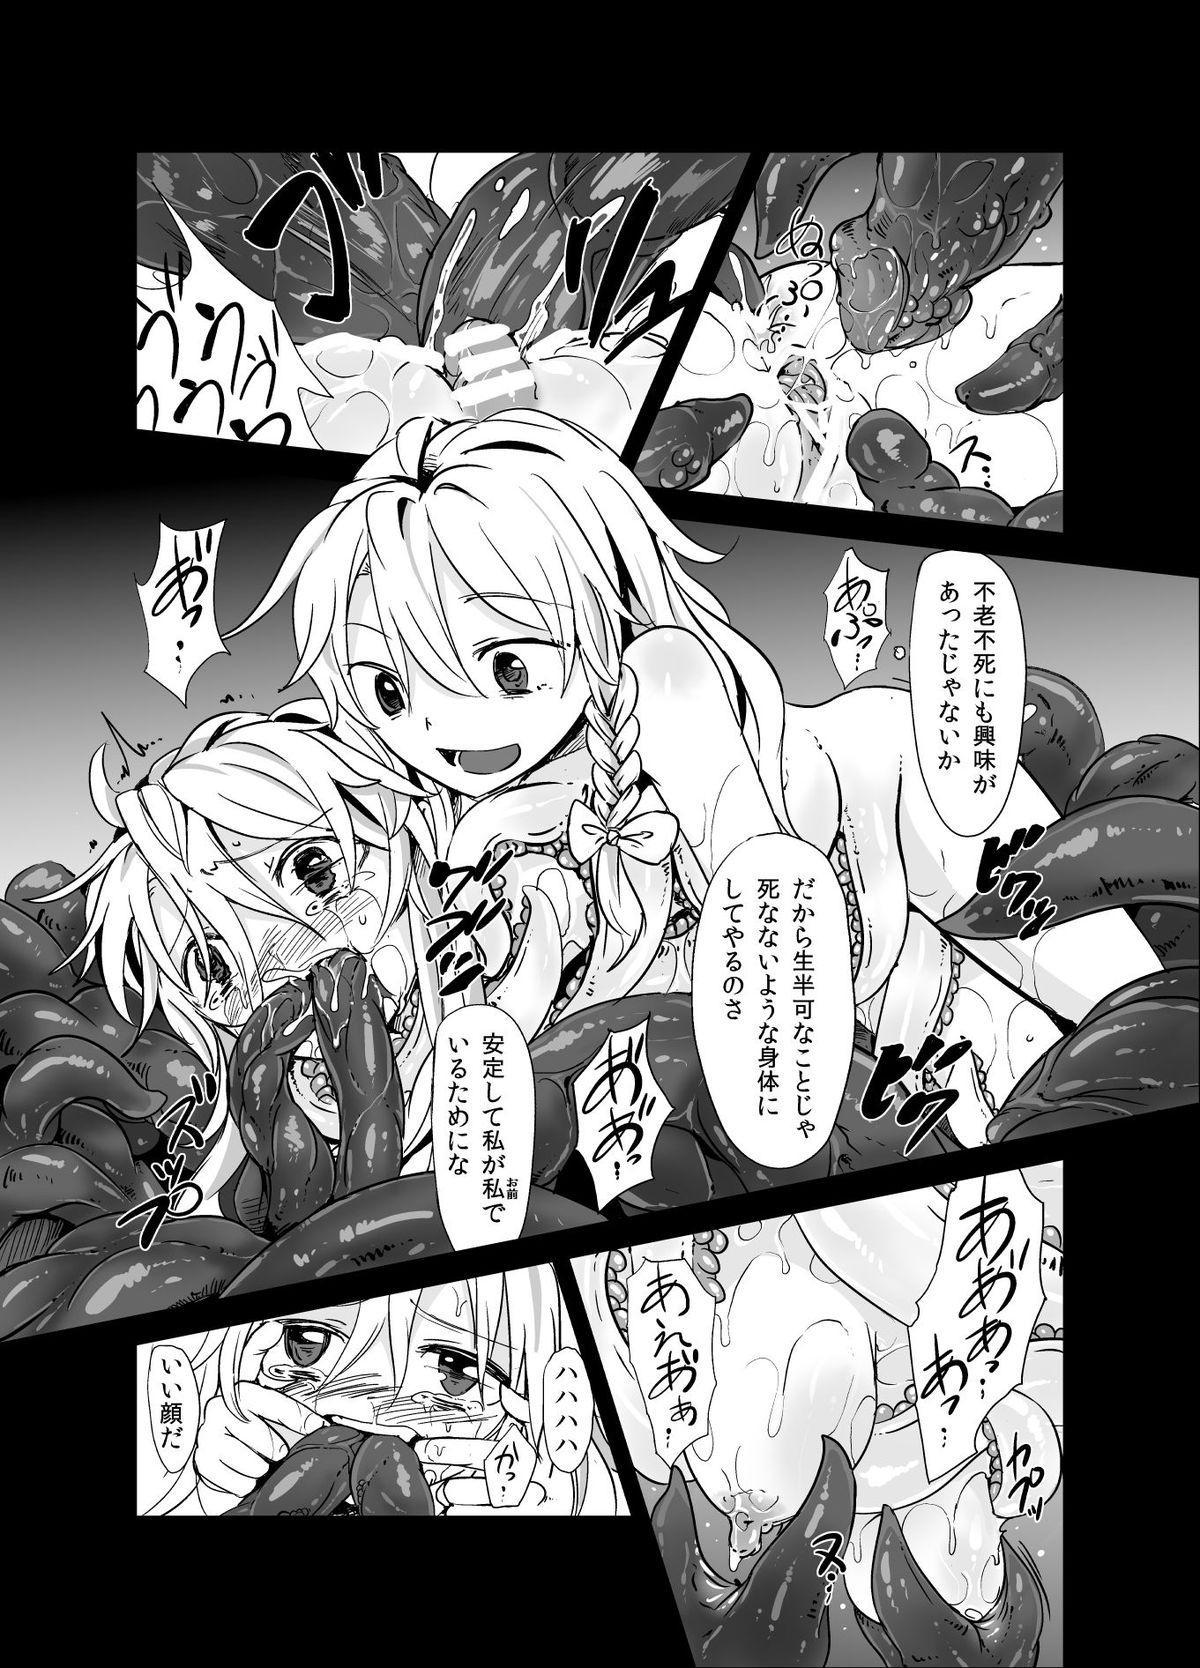 Marisa ga Mori de Shokushu ni San 21